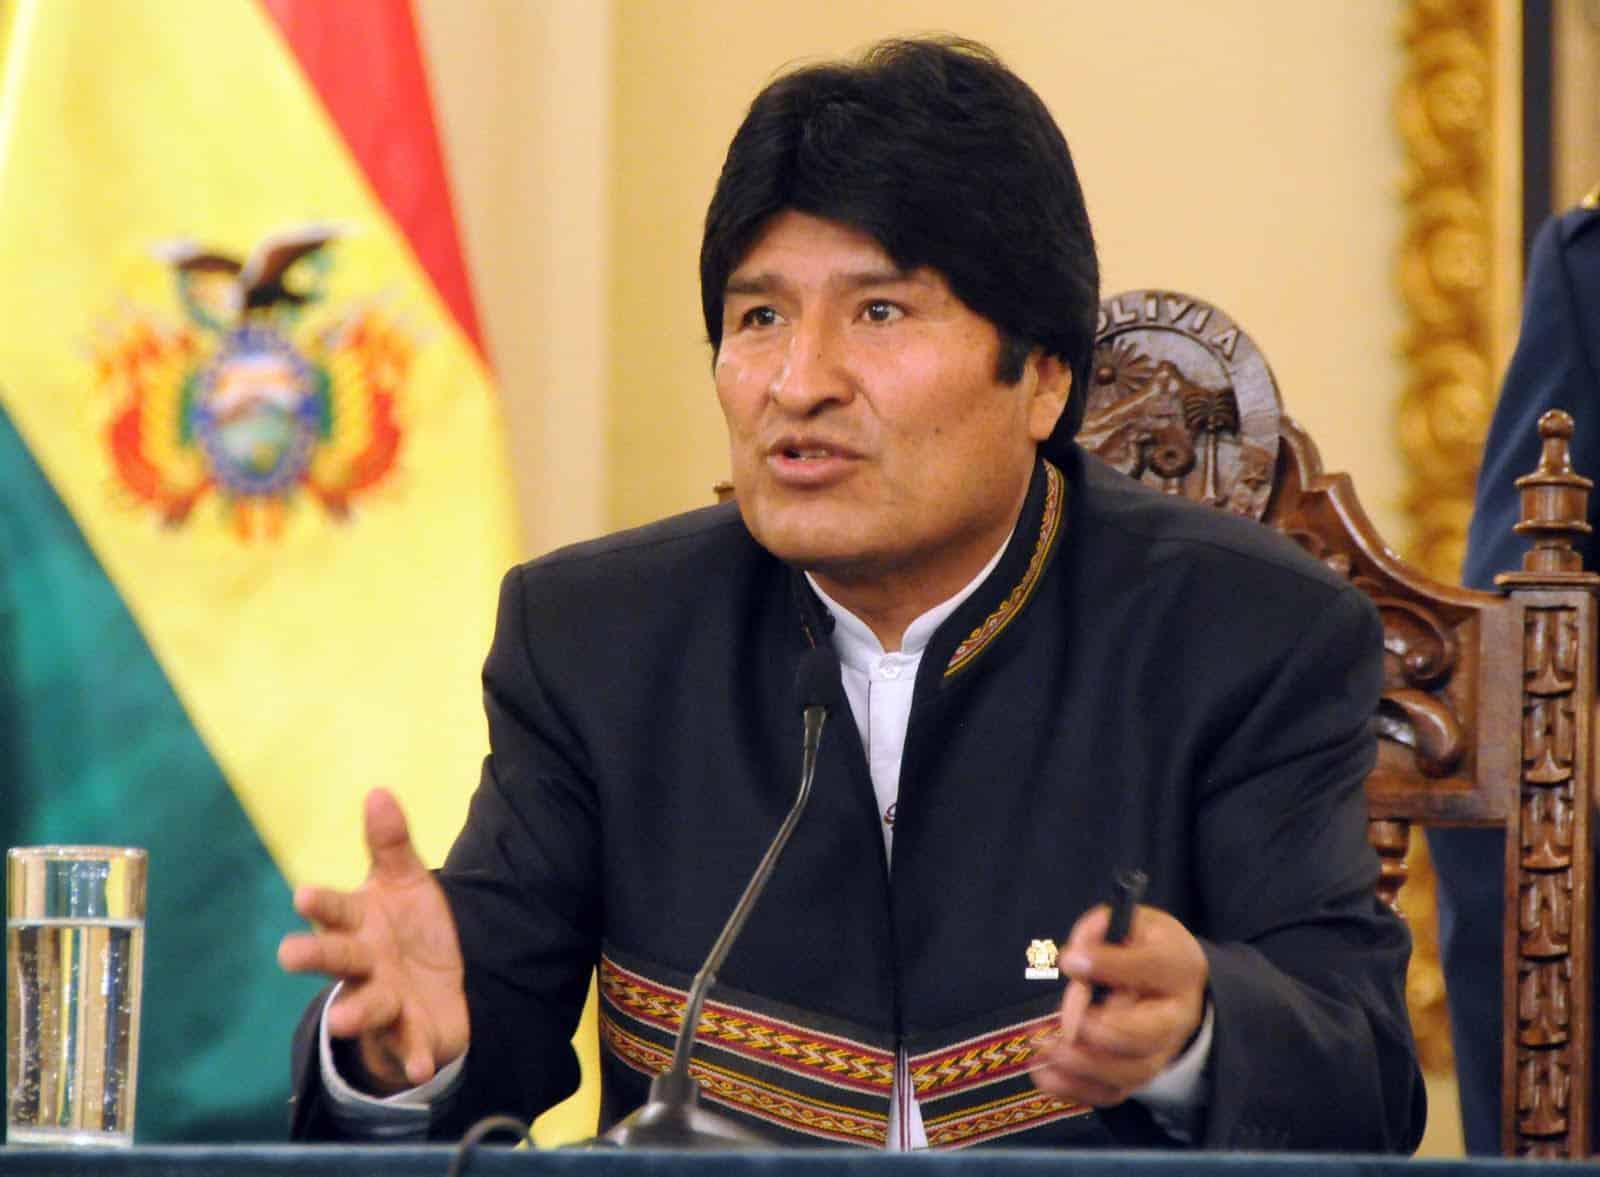 Presidente Evo Morales se disculpa tras broma a su Ministra de Salud